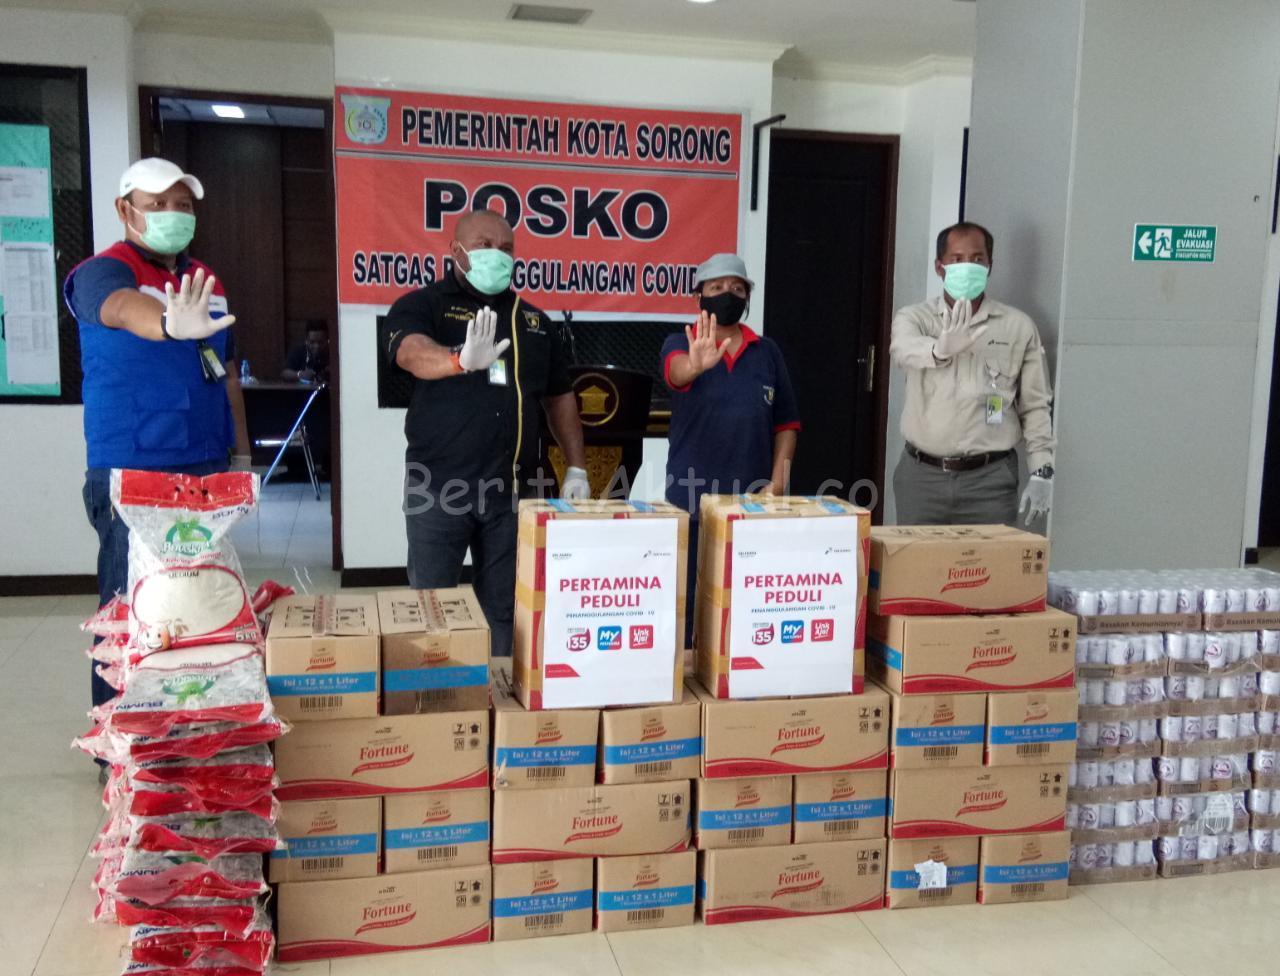 Pertamina RU VII Kasim Salurkan 2 Ton Beras Untuk Warga Kota Sorong 17 IMG 20200419 WA0012